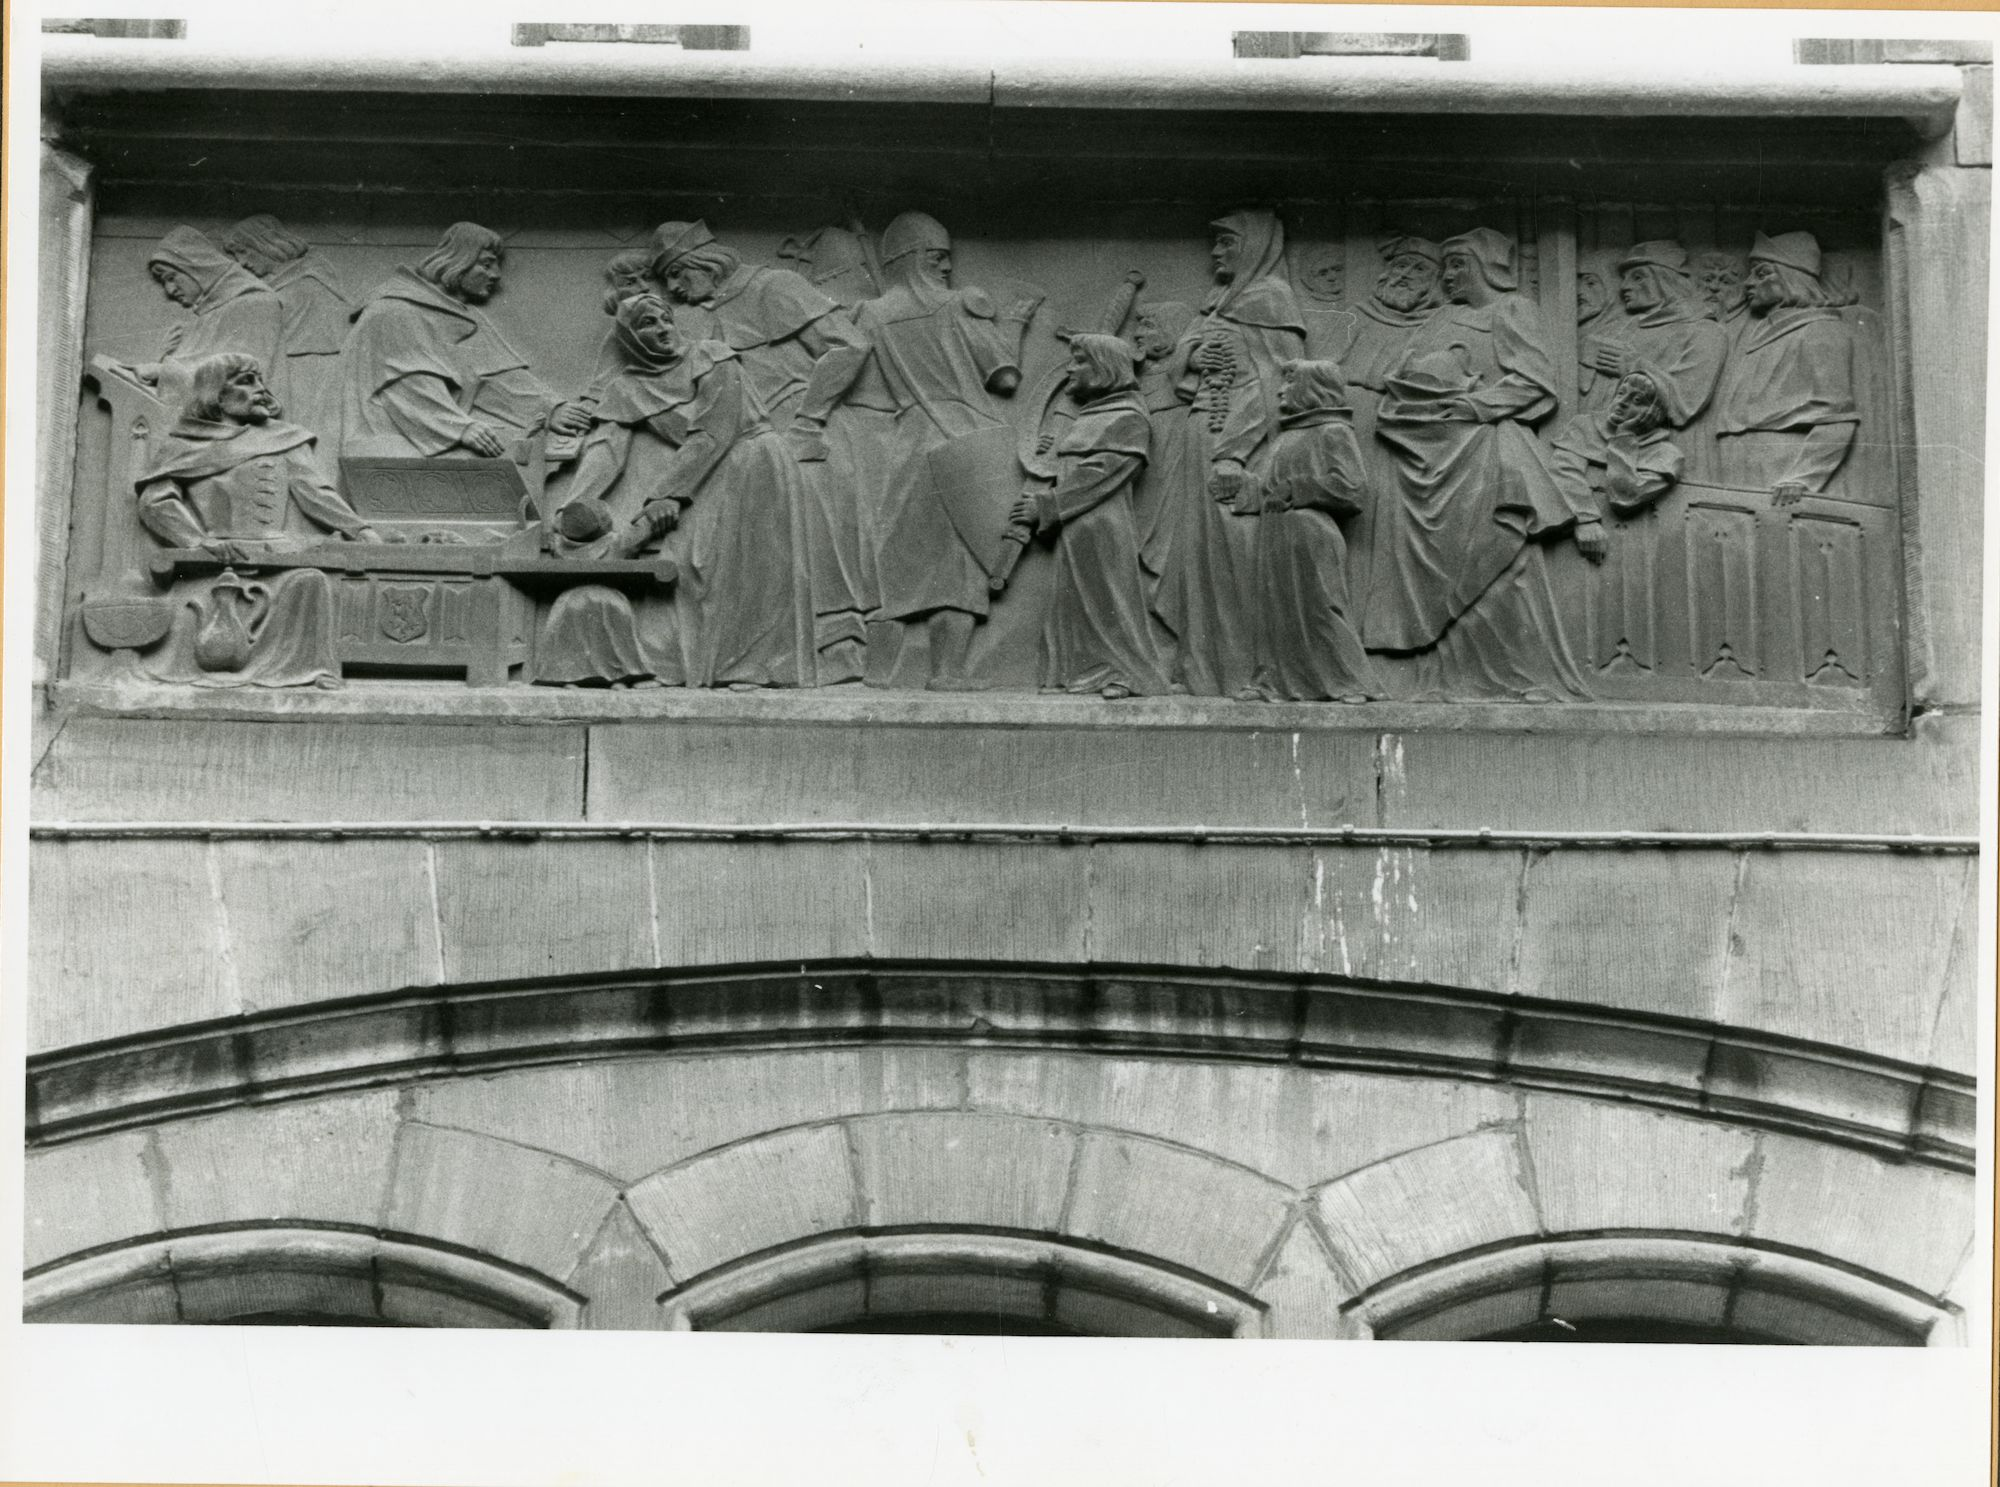 Gent: Belfortstraat 2: Reliëf: Artevelde ontvangt, 1979